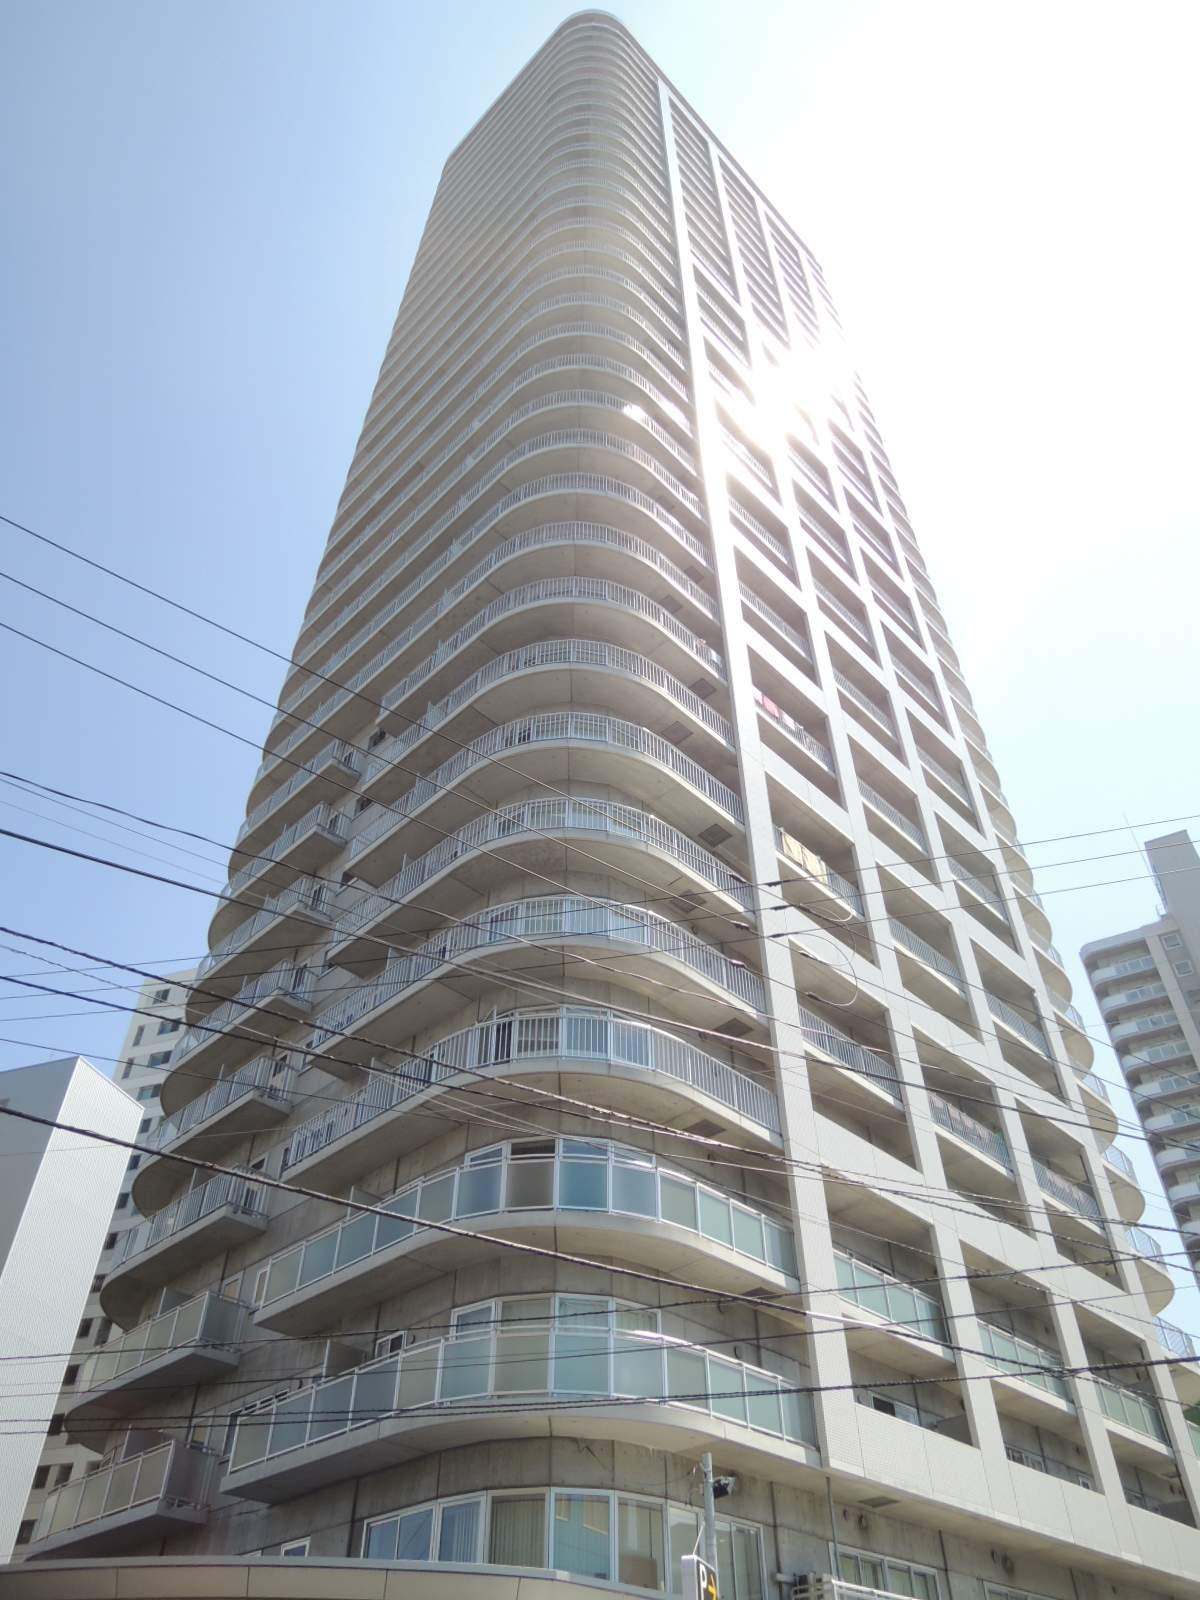 北海道札幌市中央区、中島公園駅徒歩4分の築11年 34階建の賃貸マンション